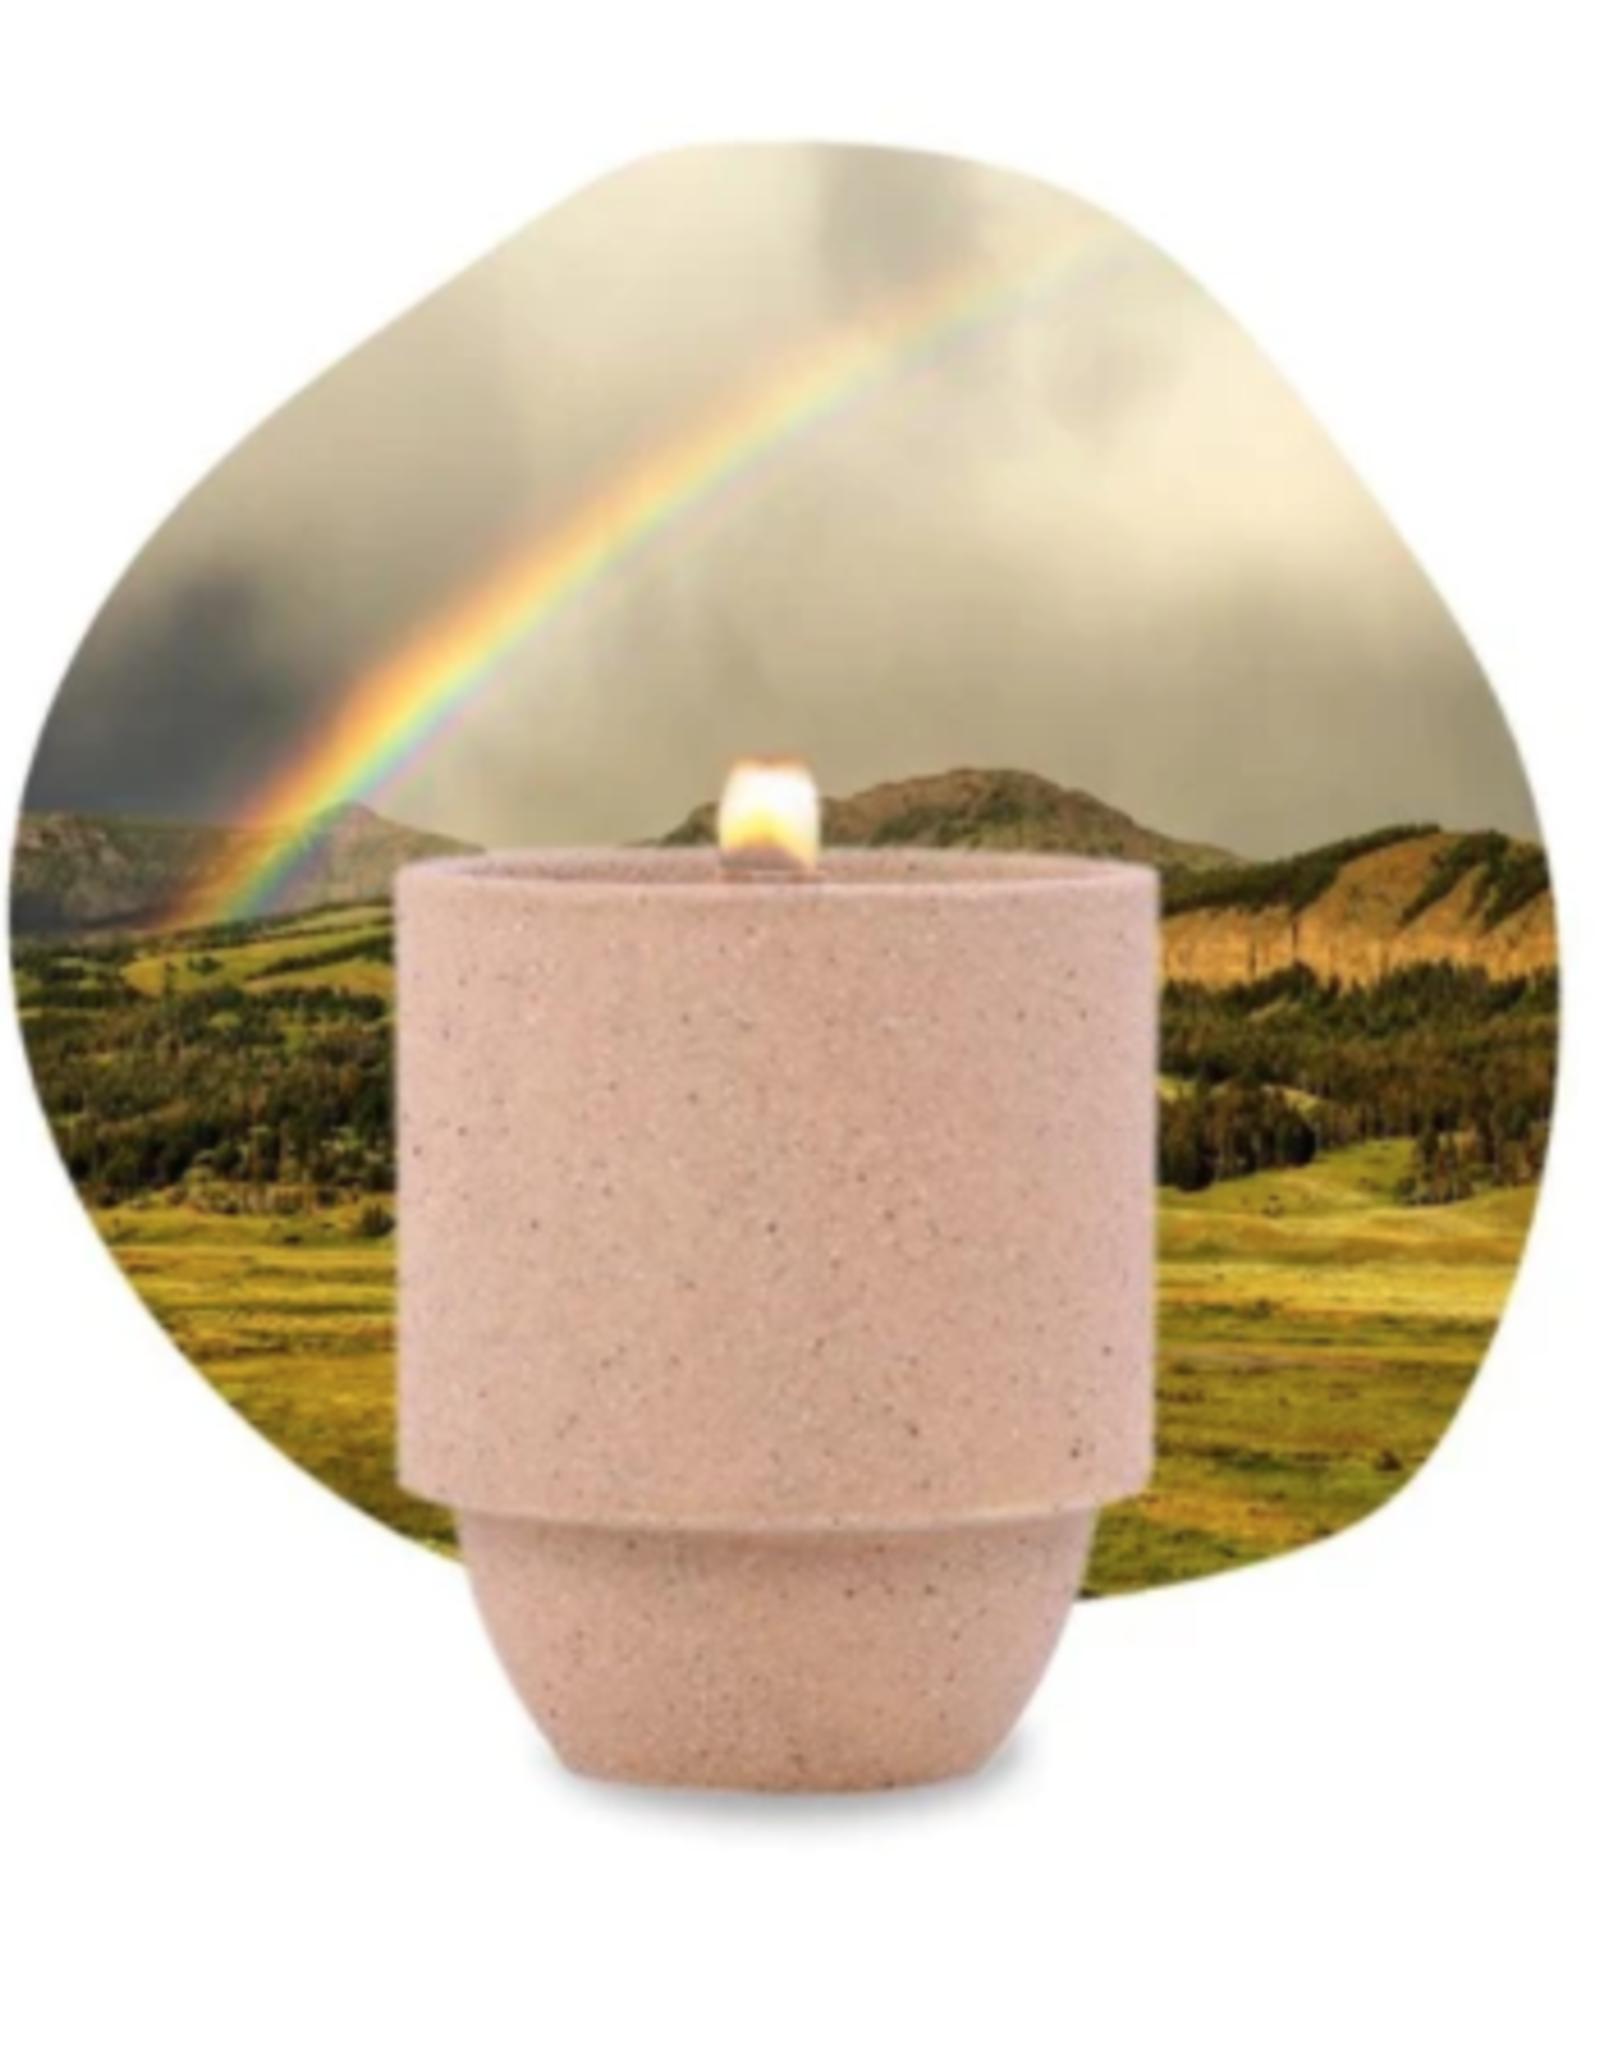 Yellowstone Sagebrush + Fir Candle